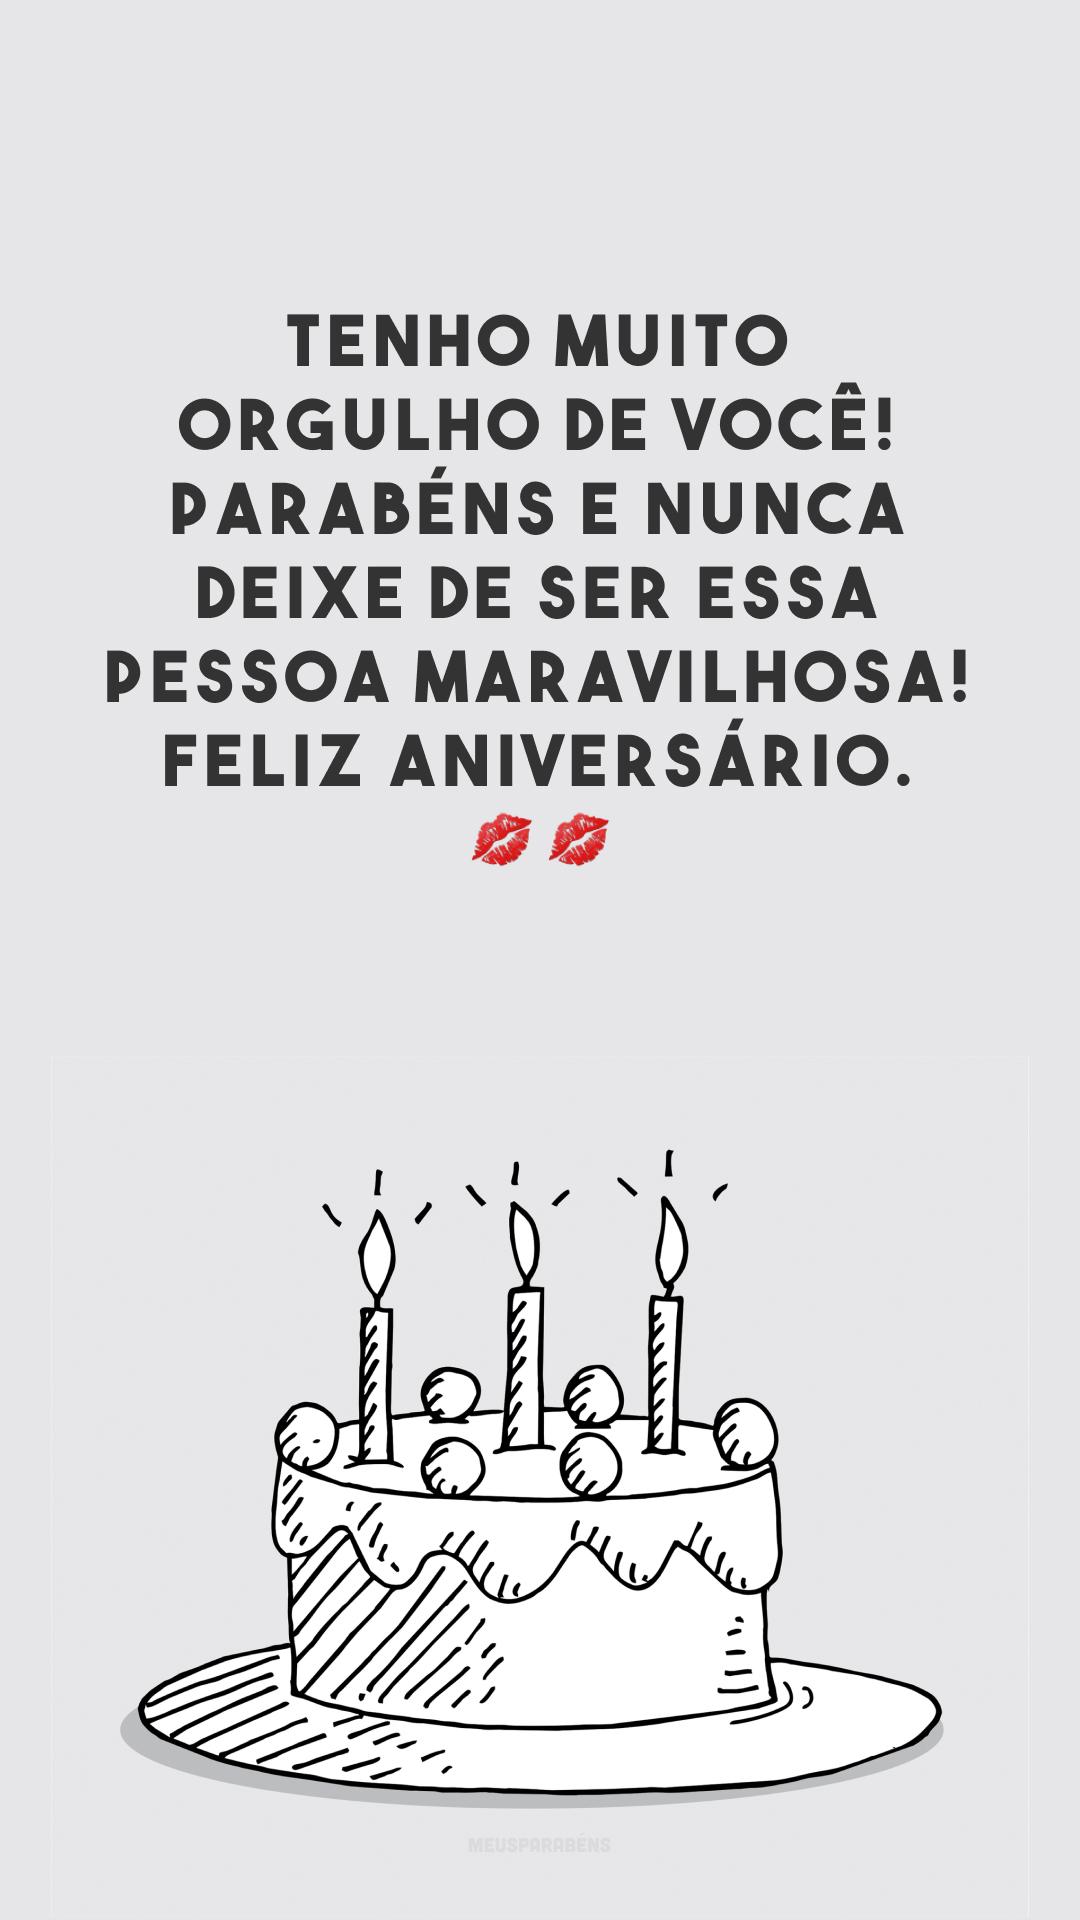 Tenho muito orgulho de você! Parabéns e nunca deixe de ser essa pessoa maravilhosa! Feliz aniversário. 💋💋